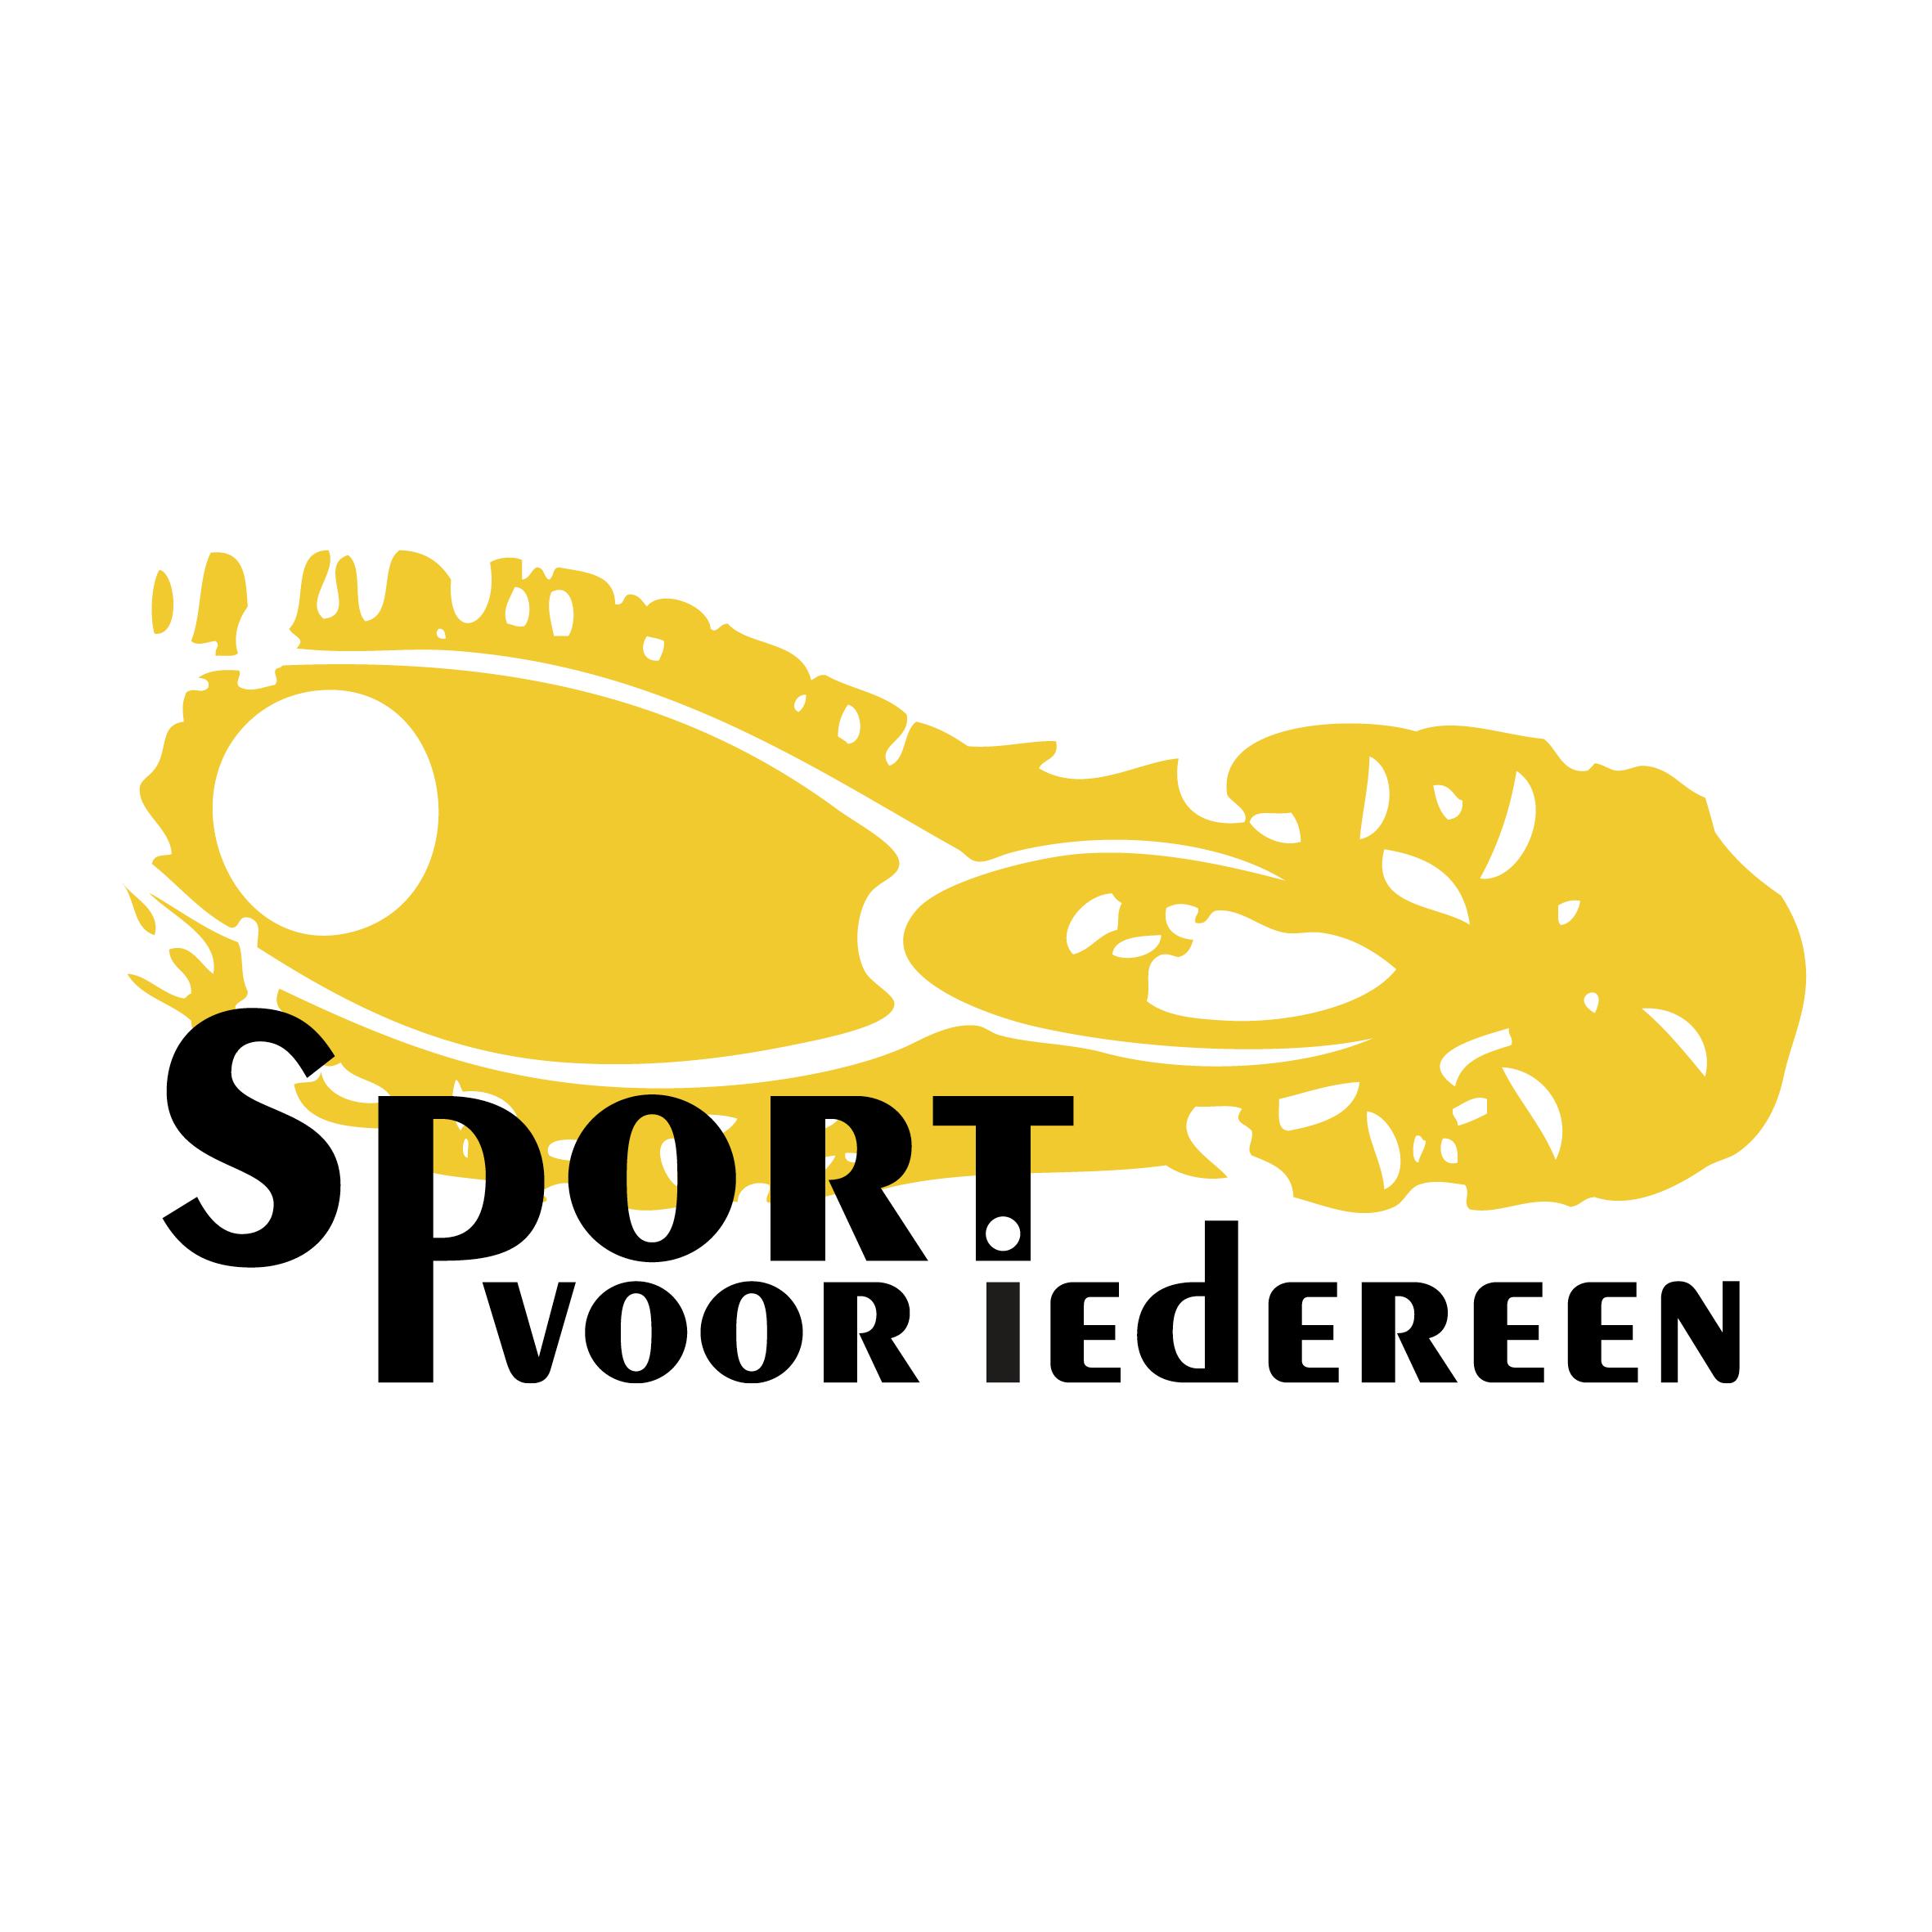 Sport voor iedereen logo